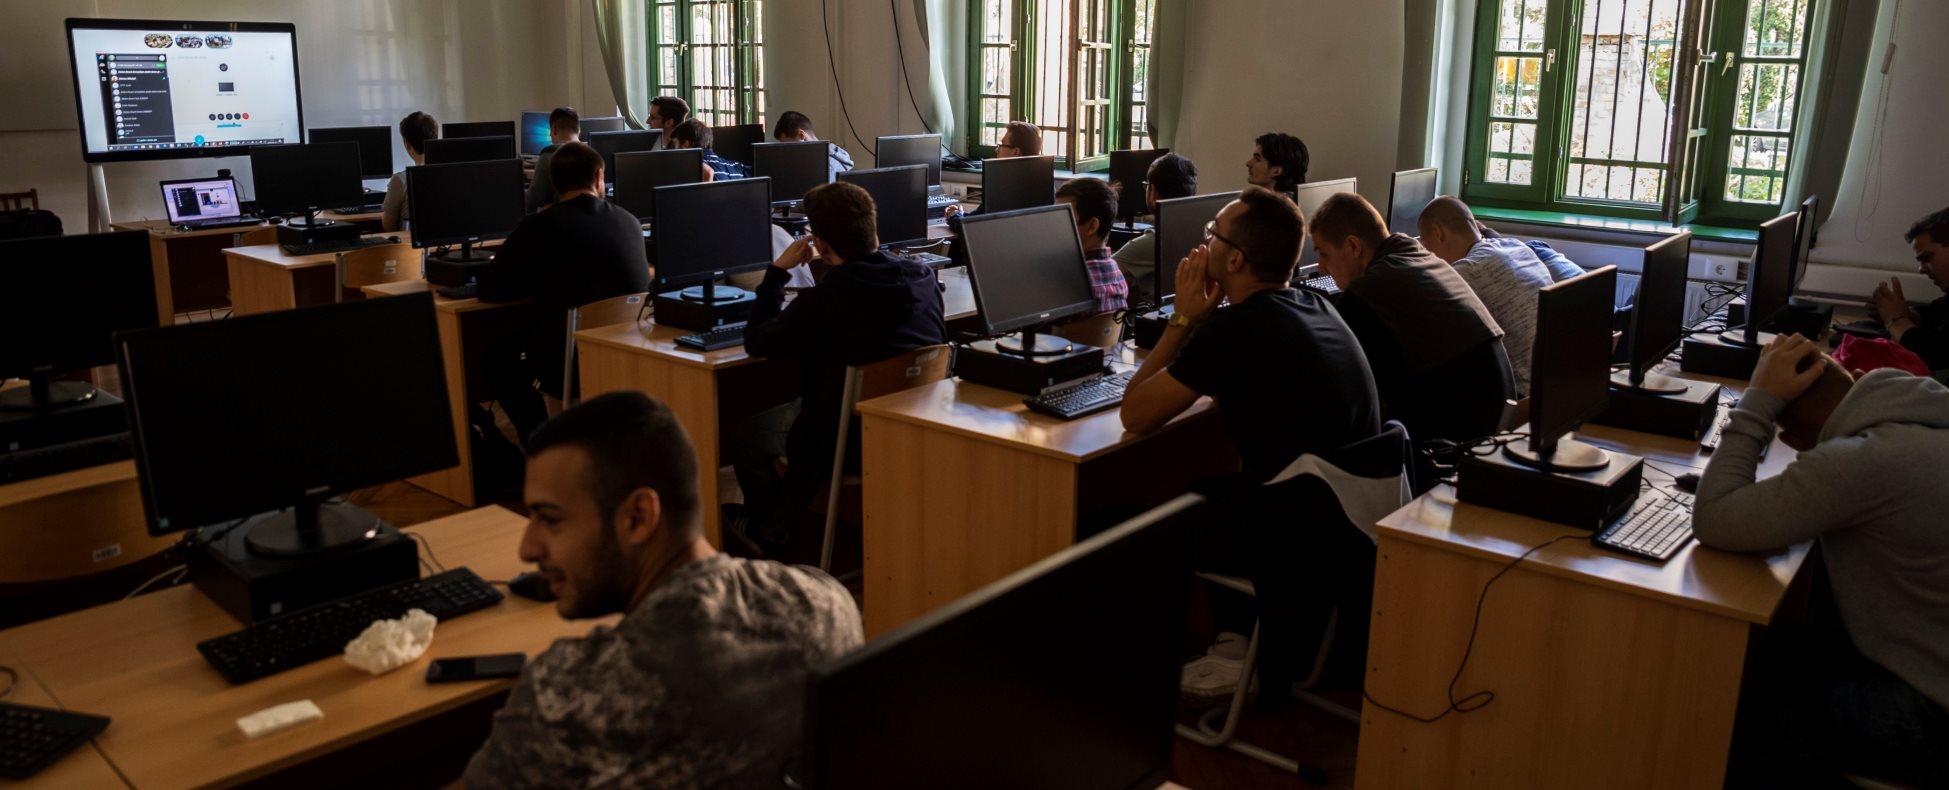 A világ vezető együttműködési platformját tesztelik a magyar informatikai szakképzésben